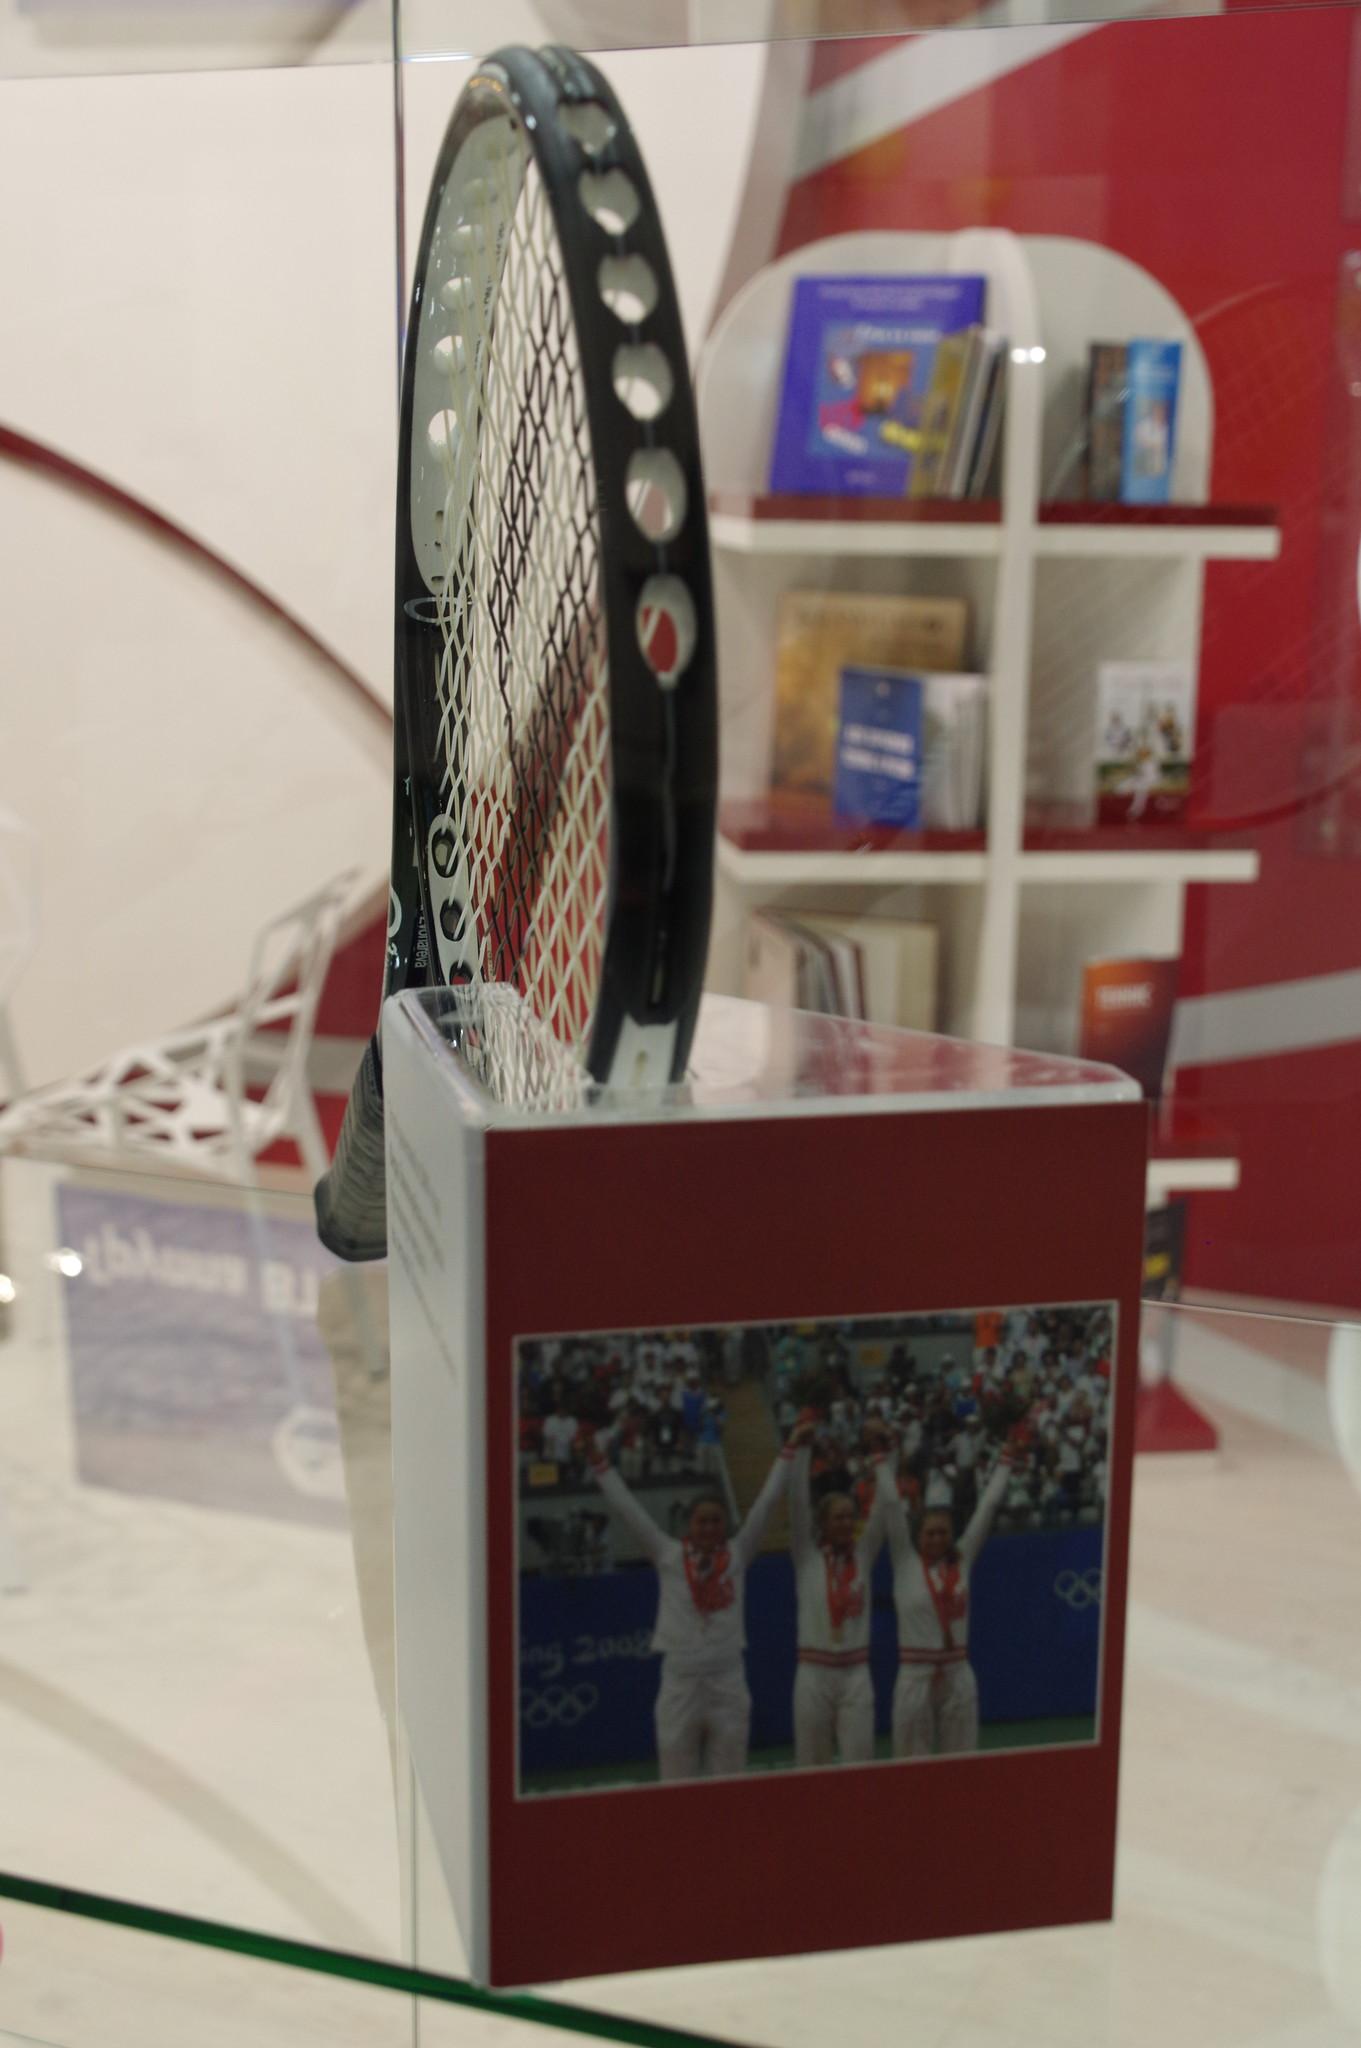 Этой ракеткой в 2008 году Вера Звонарёва выиграла бронзовую медаль на летней Олимпиаде в Пекине